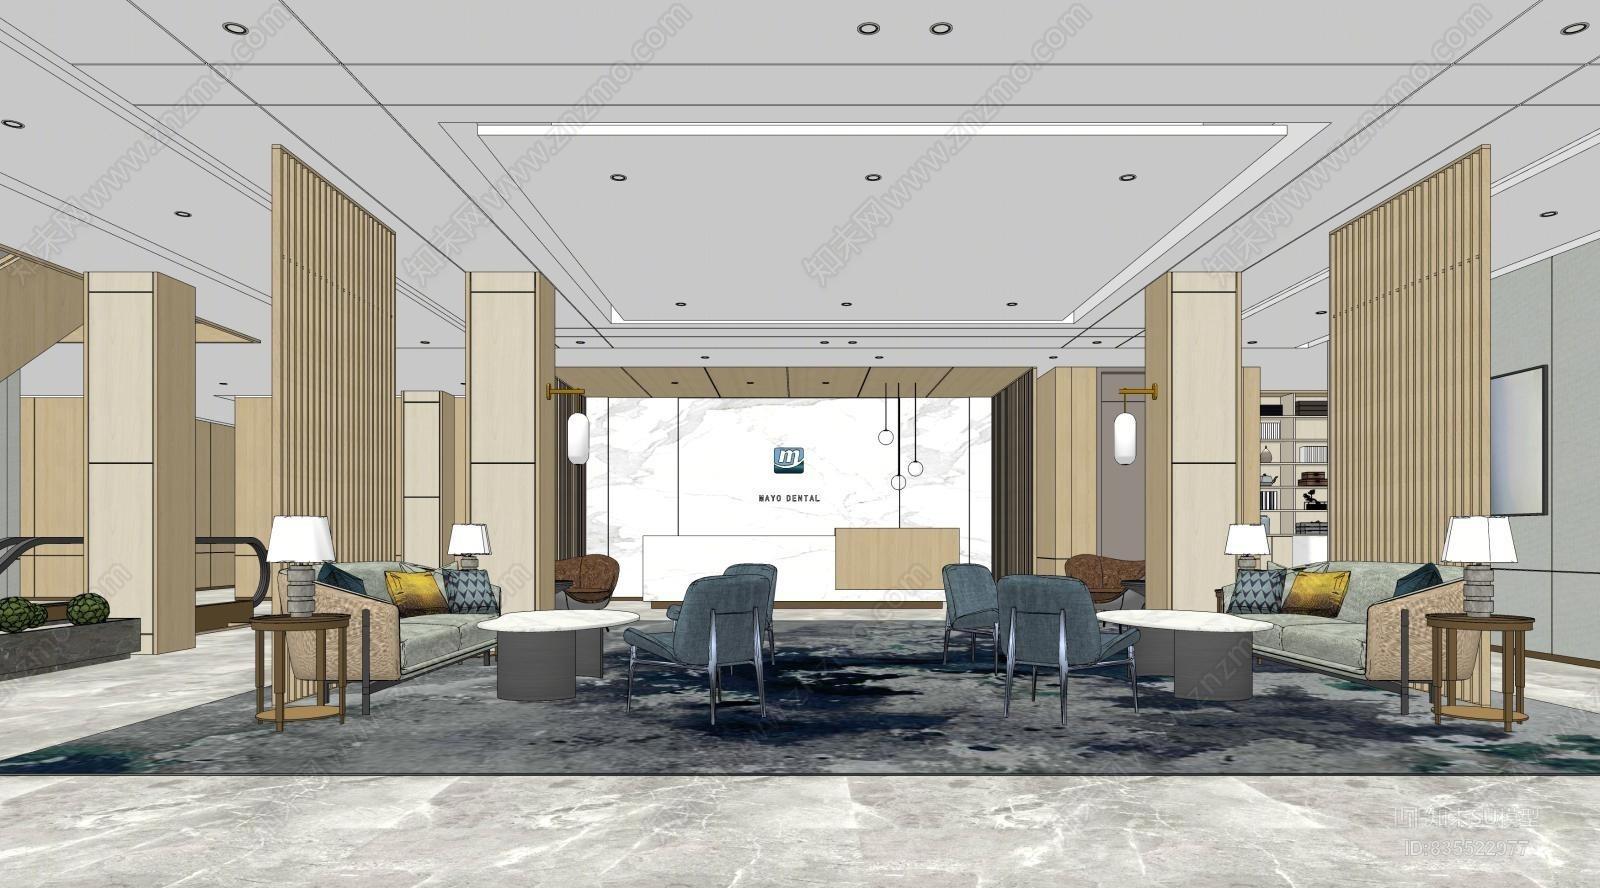 现代办公大堂空间模型